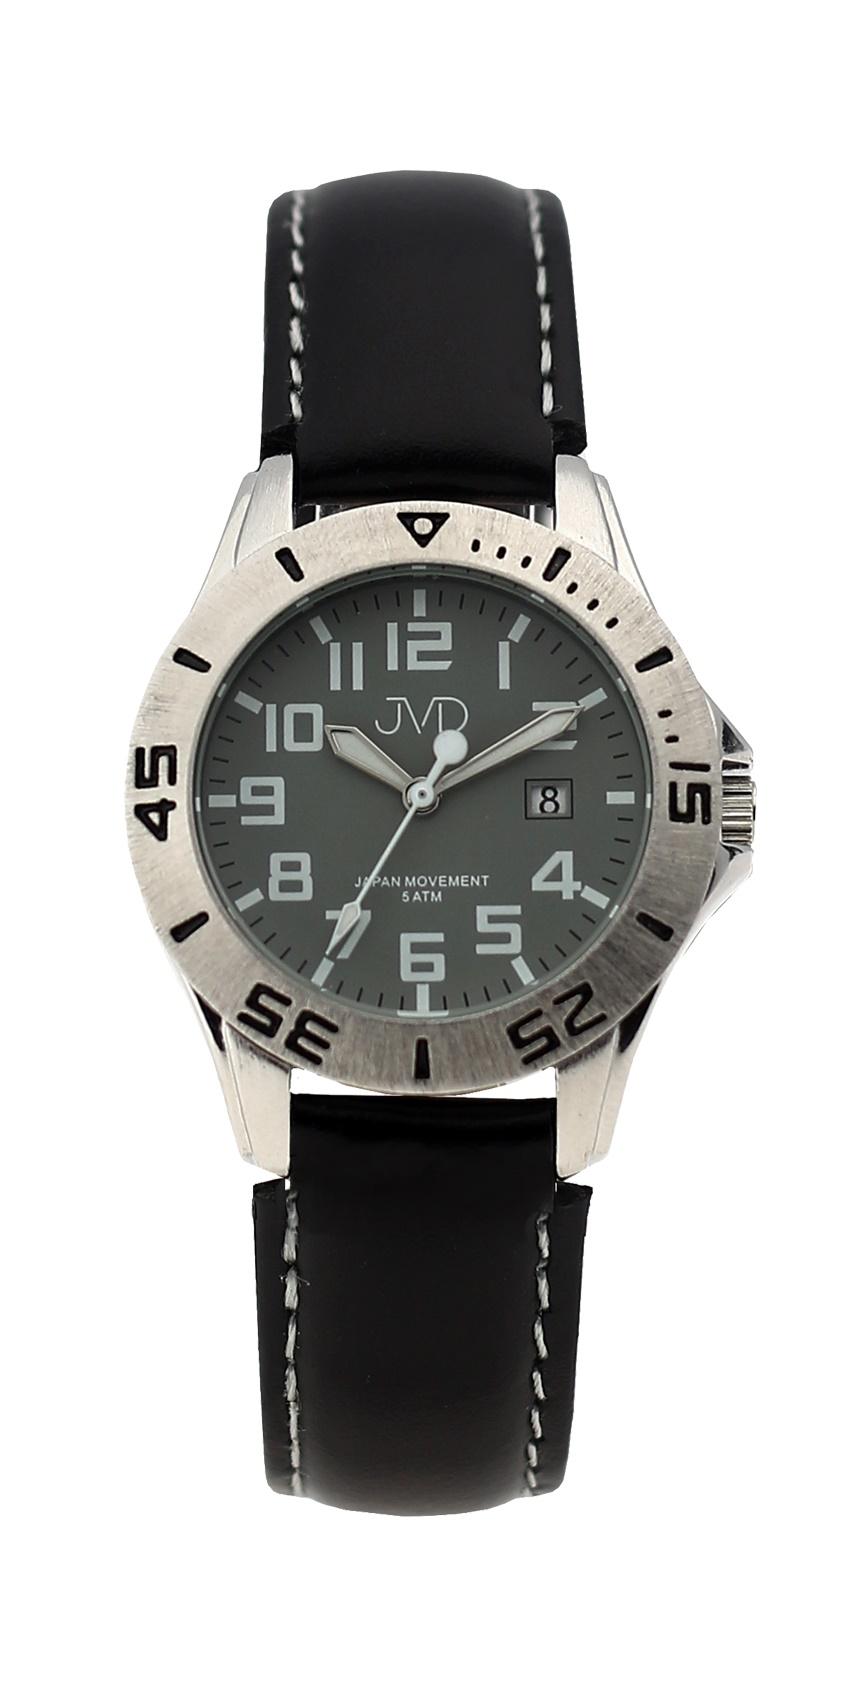 Černé chlapecké vodoodolné dětské náramkové hodinky JVD J7177.4 (5ATM - voděodolnost)